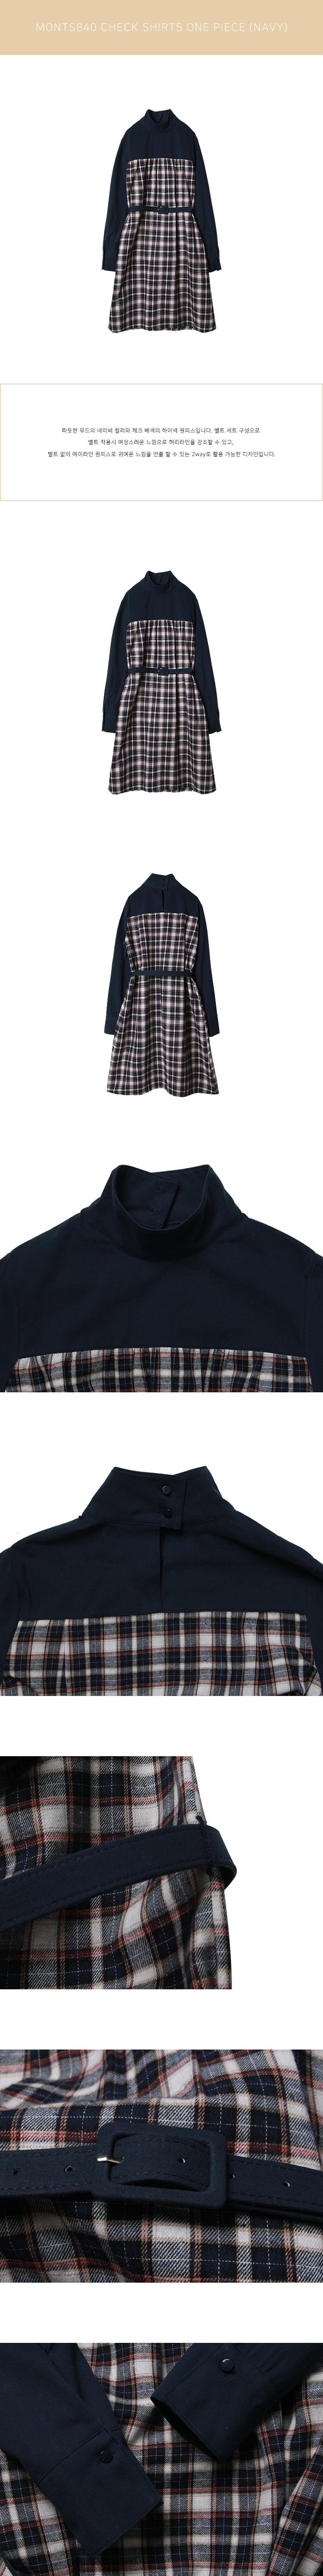 몬츠(MONTS) 840 check shirts one piece (navy)